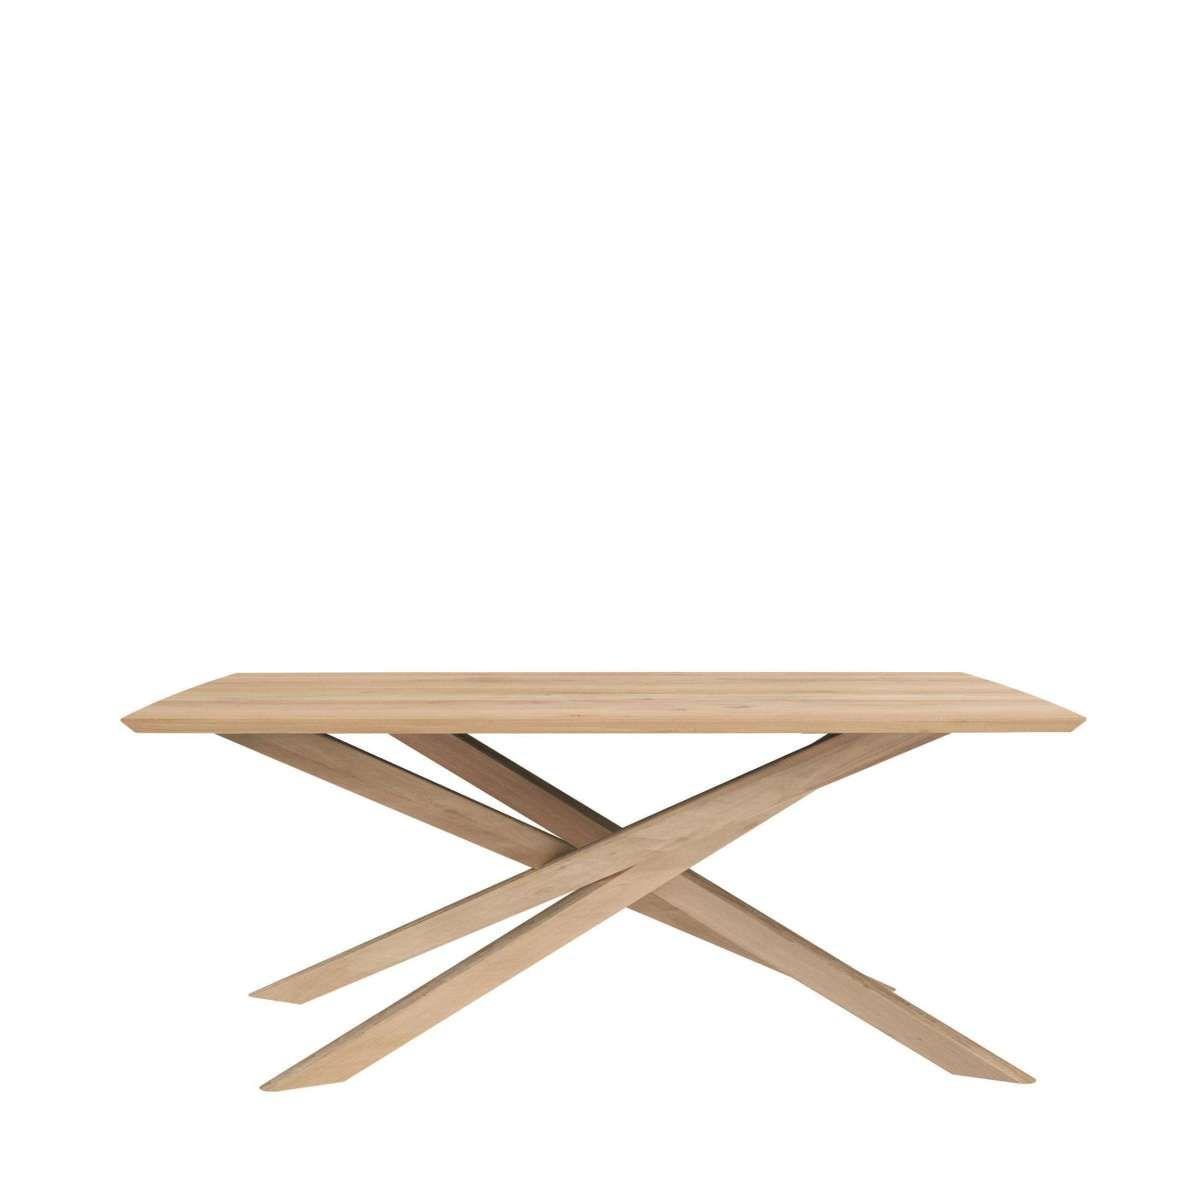 Mikado Tisch 203x106 Jetzt Bestellen Unter Https Moebel Ladendirekt De Kueche Und Esszimmer Tische Esstische Uid 10f422df C0 Esstisch Tisch Kuche Esszimmer